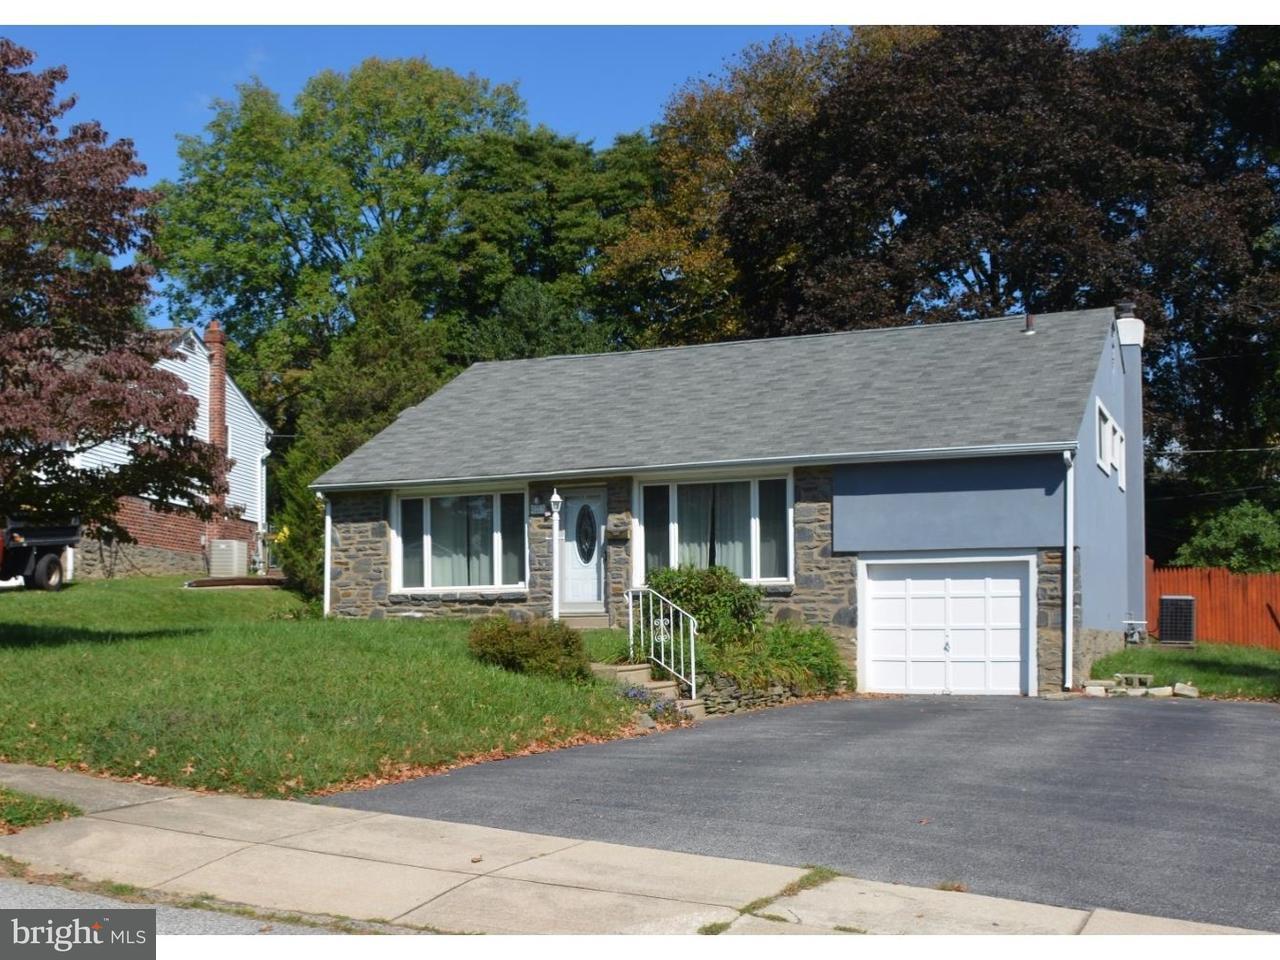 Частный односемейный дом для того Аренда на 2217 RHONDA Road Broomall, Пенсильвания 19008 Соединенные Штаты